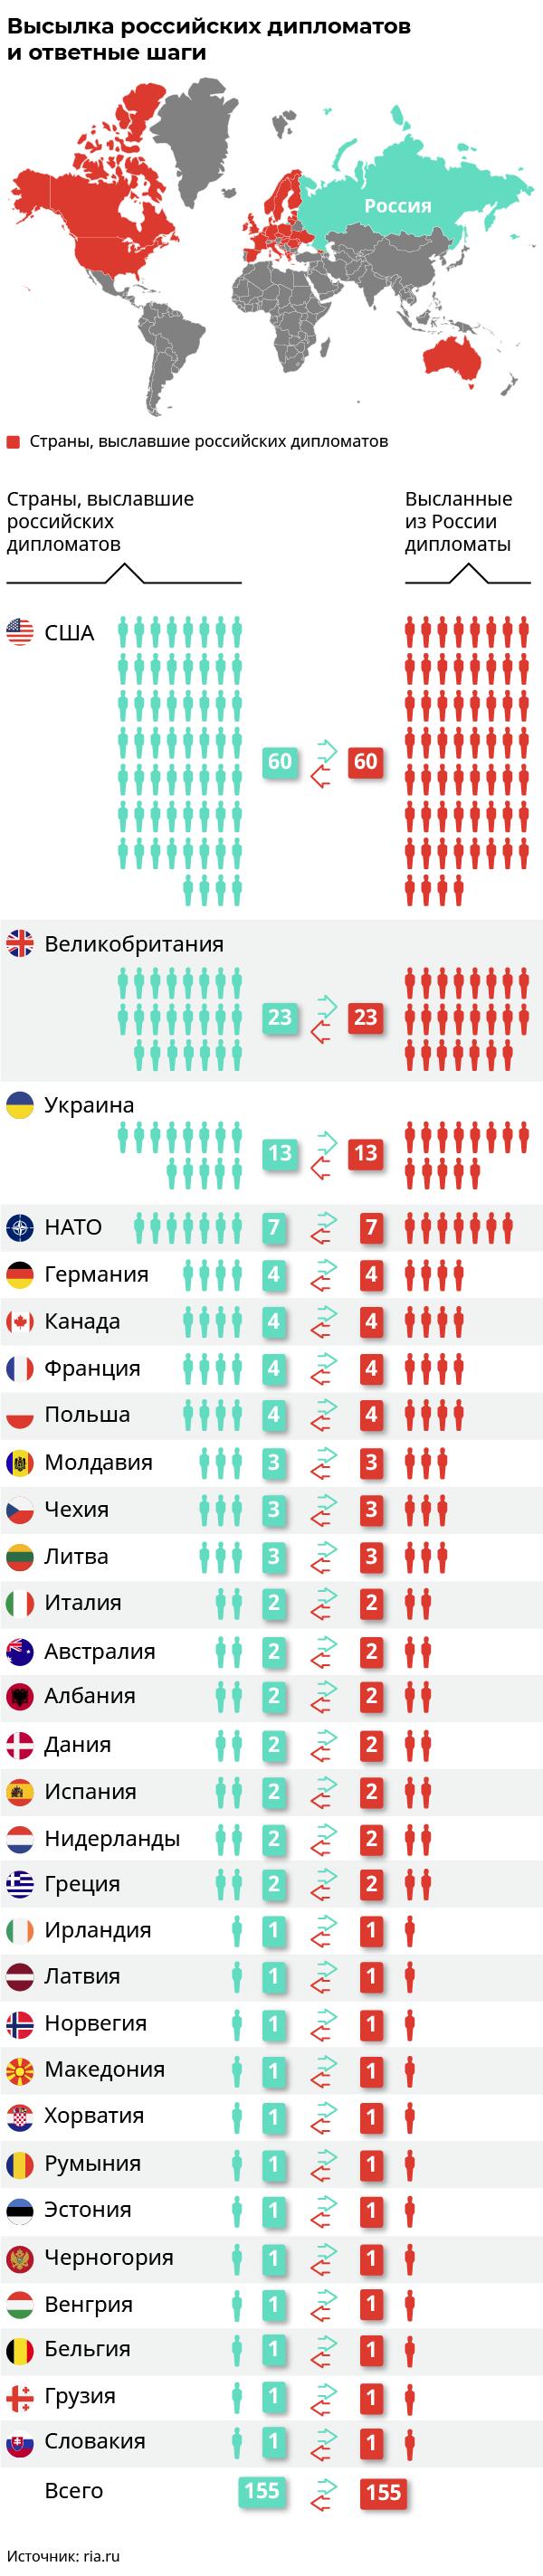 Какие страны выслали российских дипломатов в 2018 году Российские дипломаты, Инфографика, Длиннопост, Политика